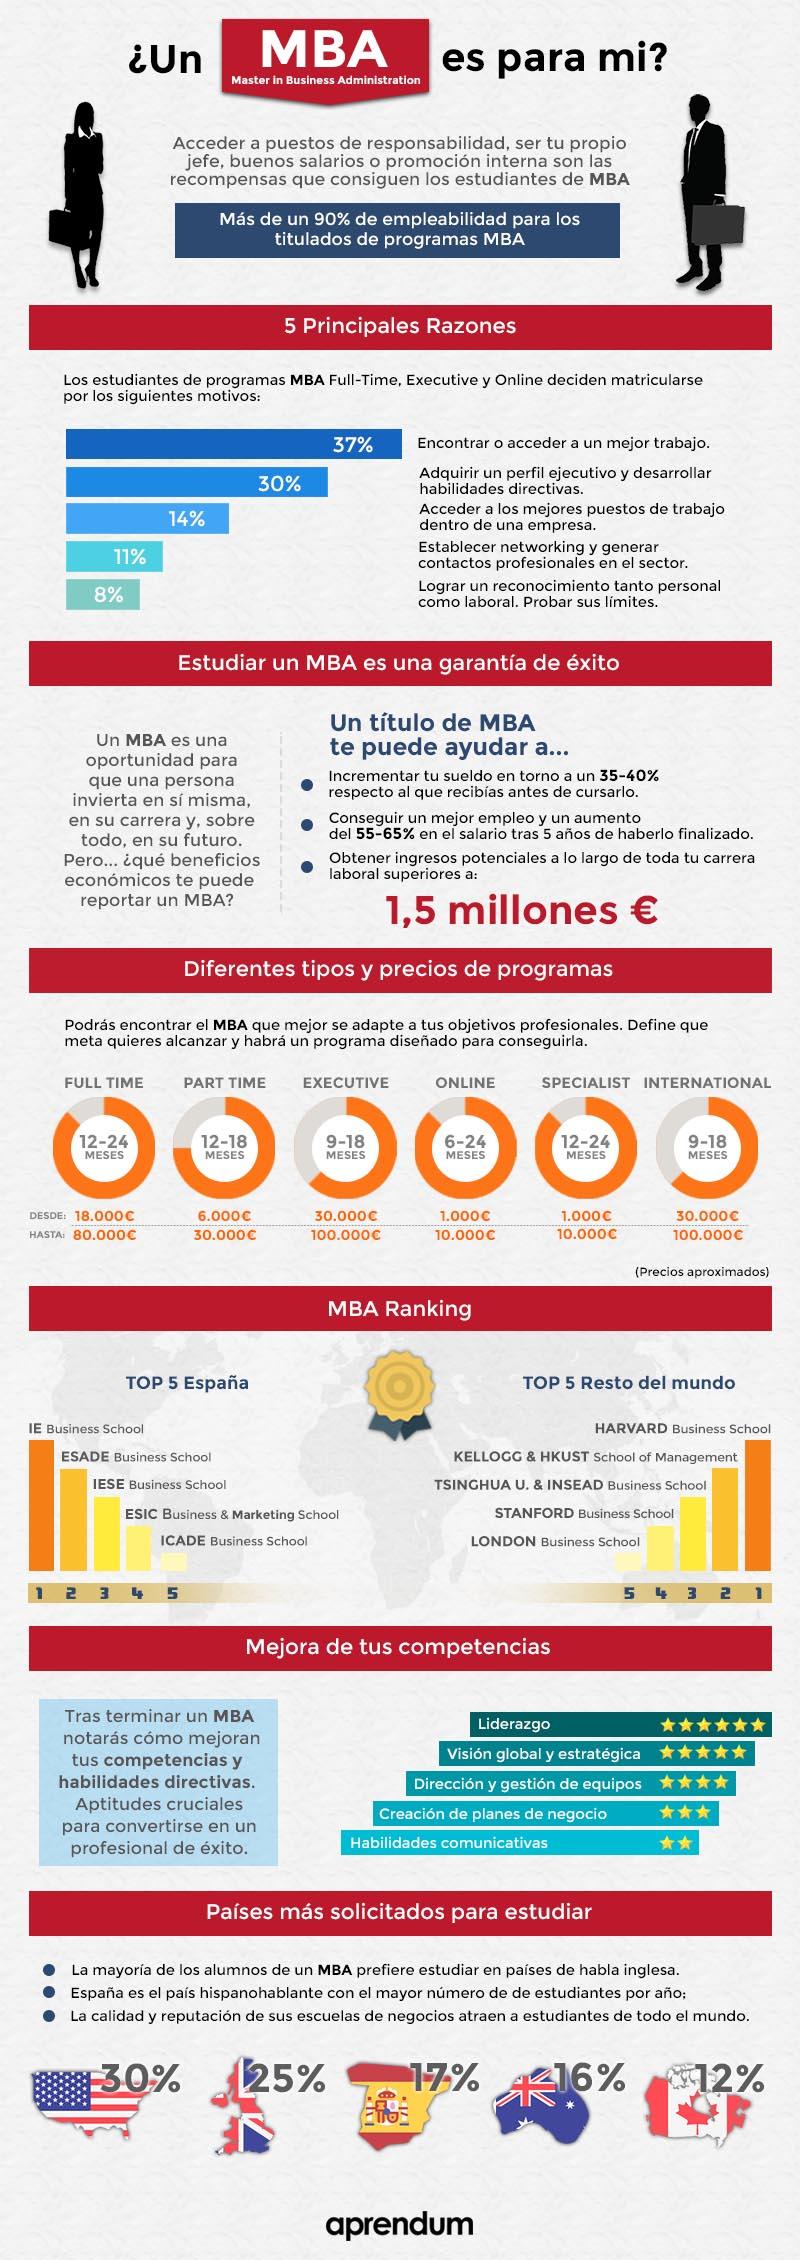 Infografía completa del MBA